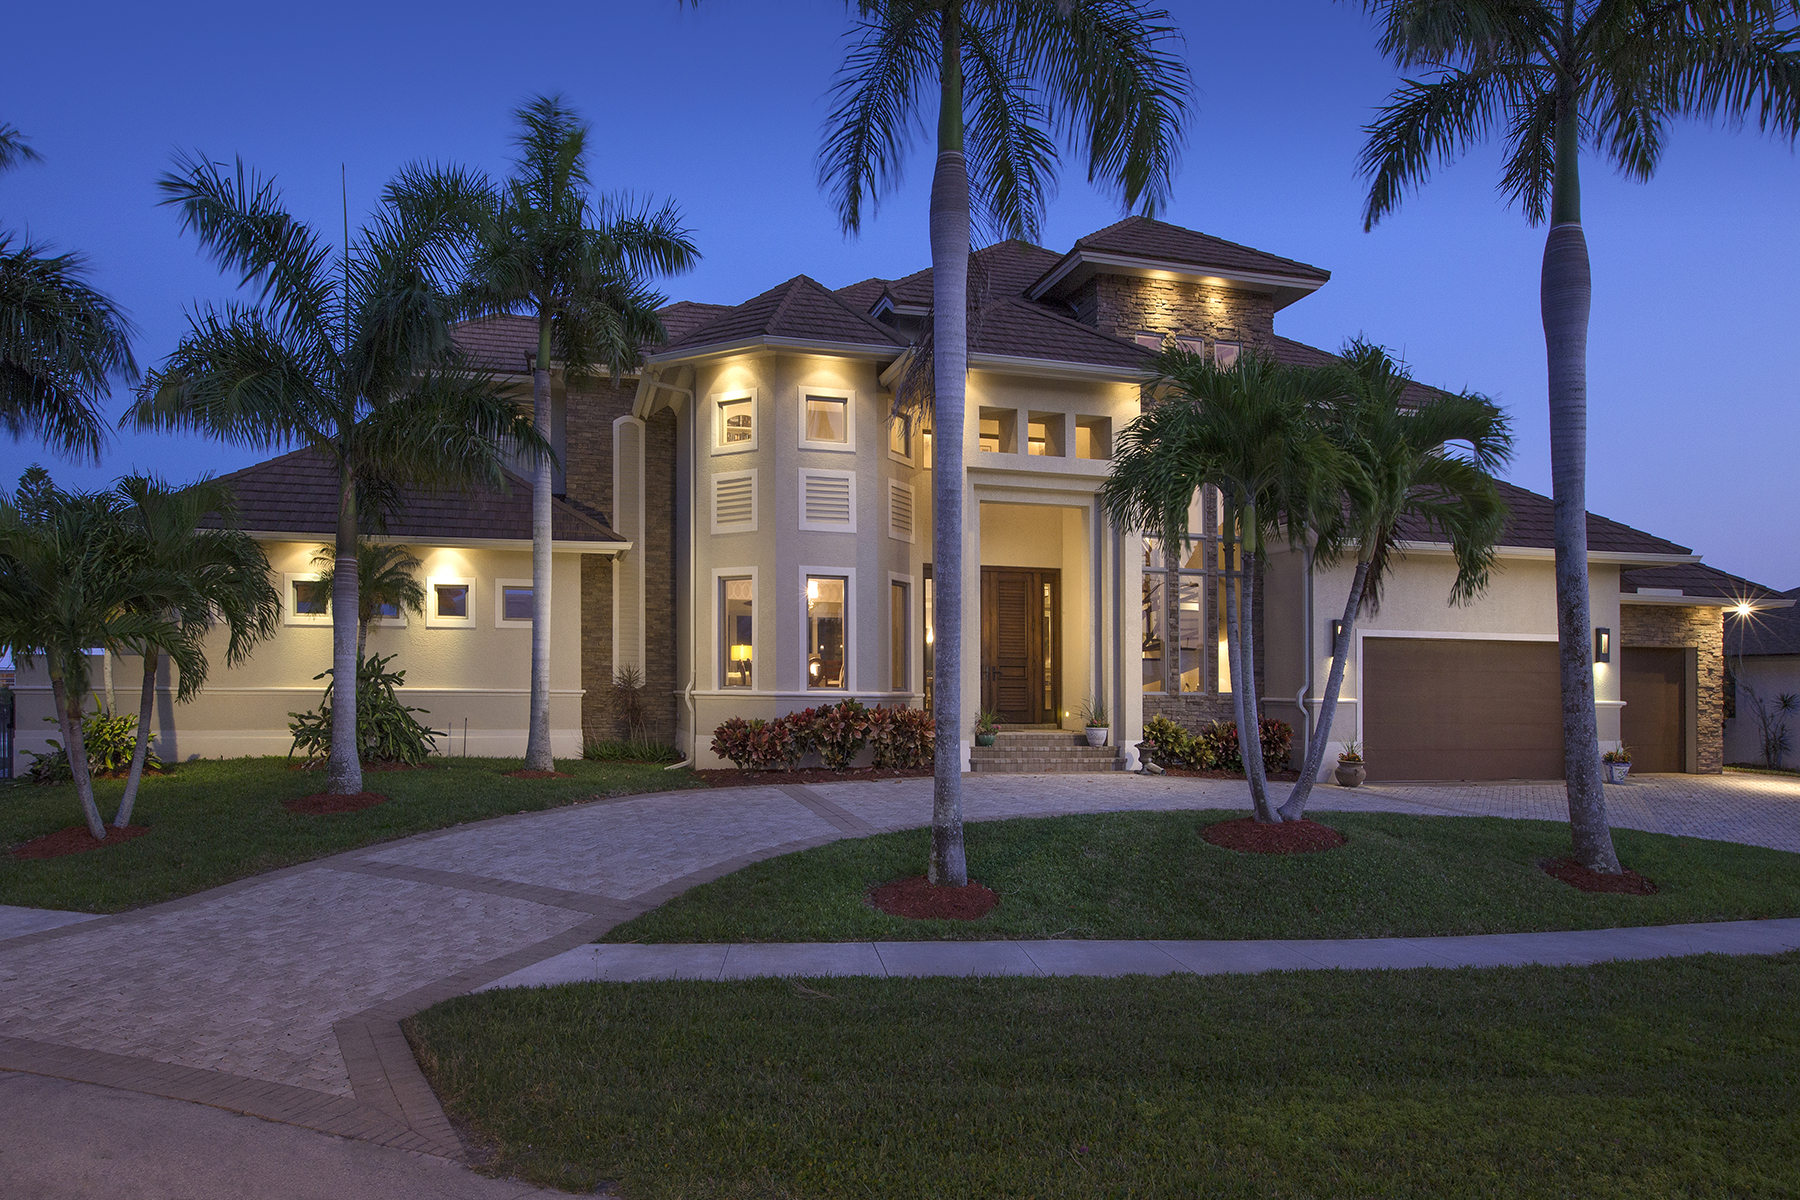 Частный односемейный дом для того Продажа на 967 Iris Ct , Marco Island, FL 34145 967 Iris Ct Marco Island, Флорида, 34145 Соединенные Штаты